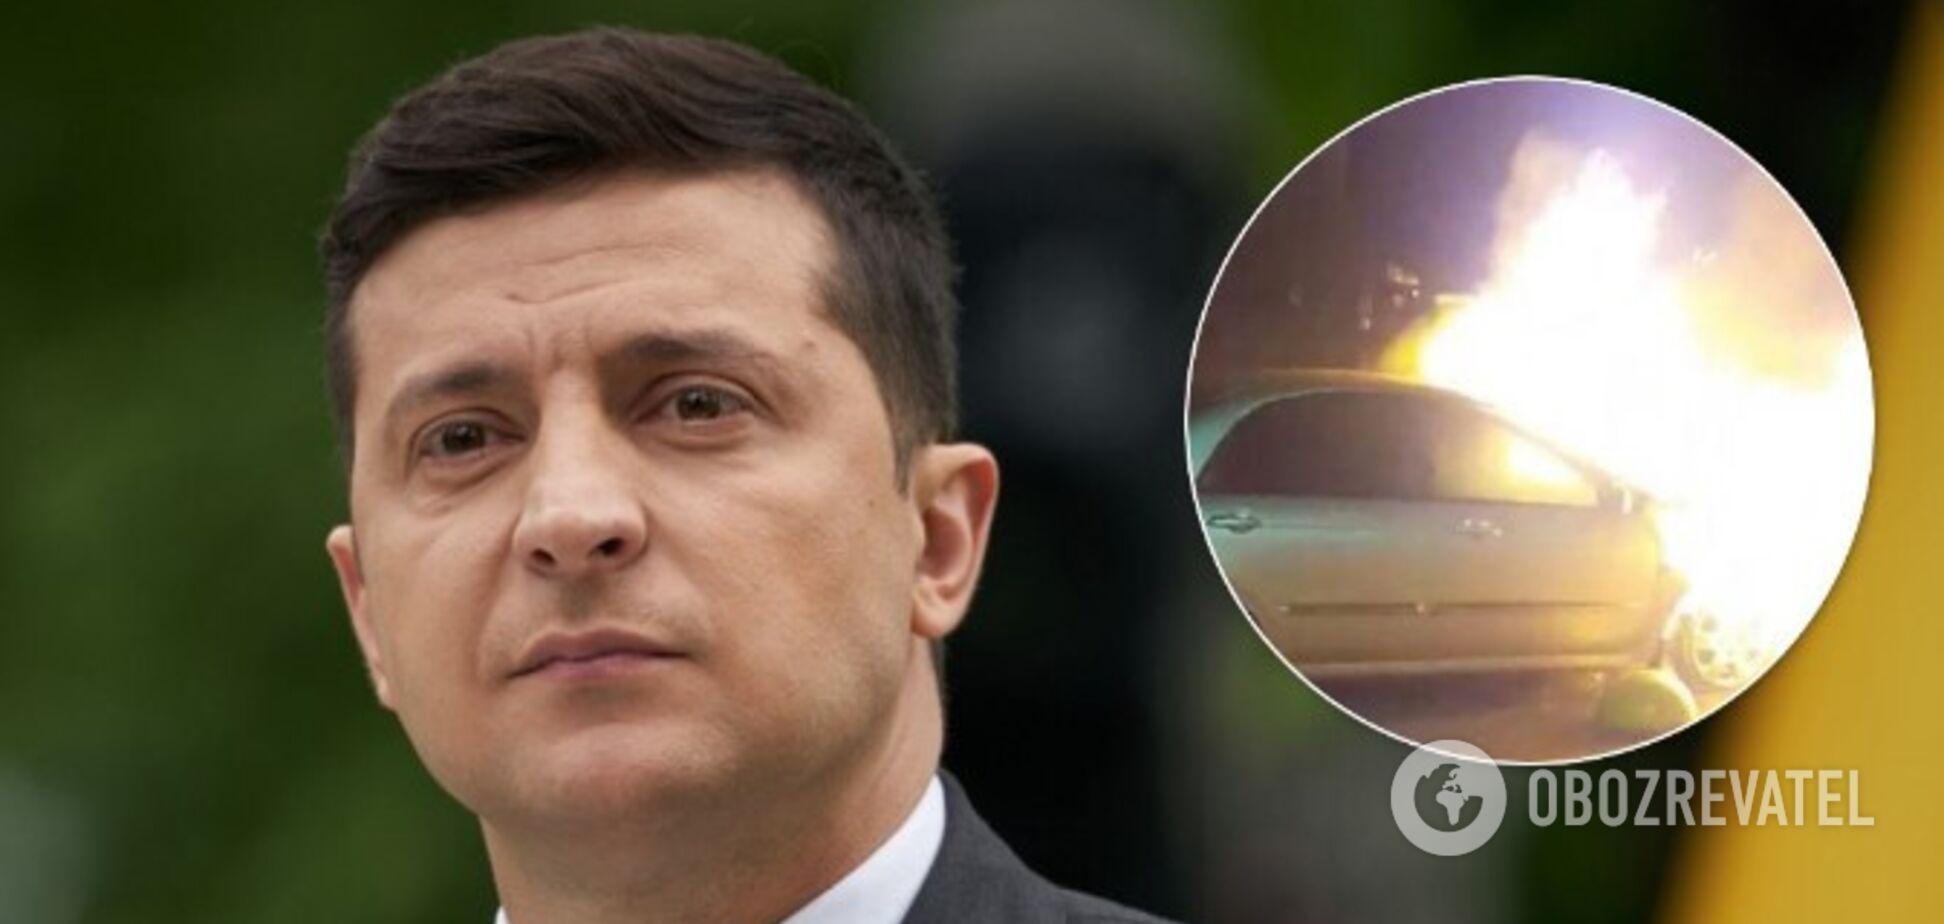 Зеленського закликали захистити журналістів